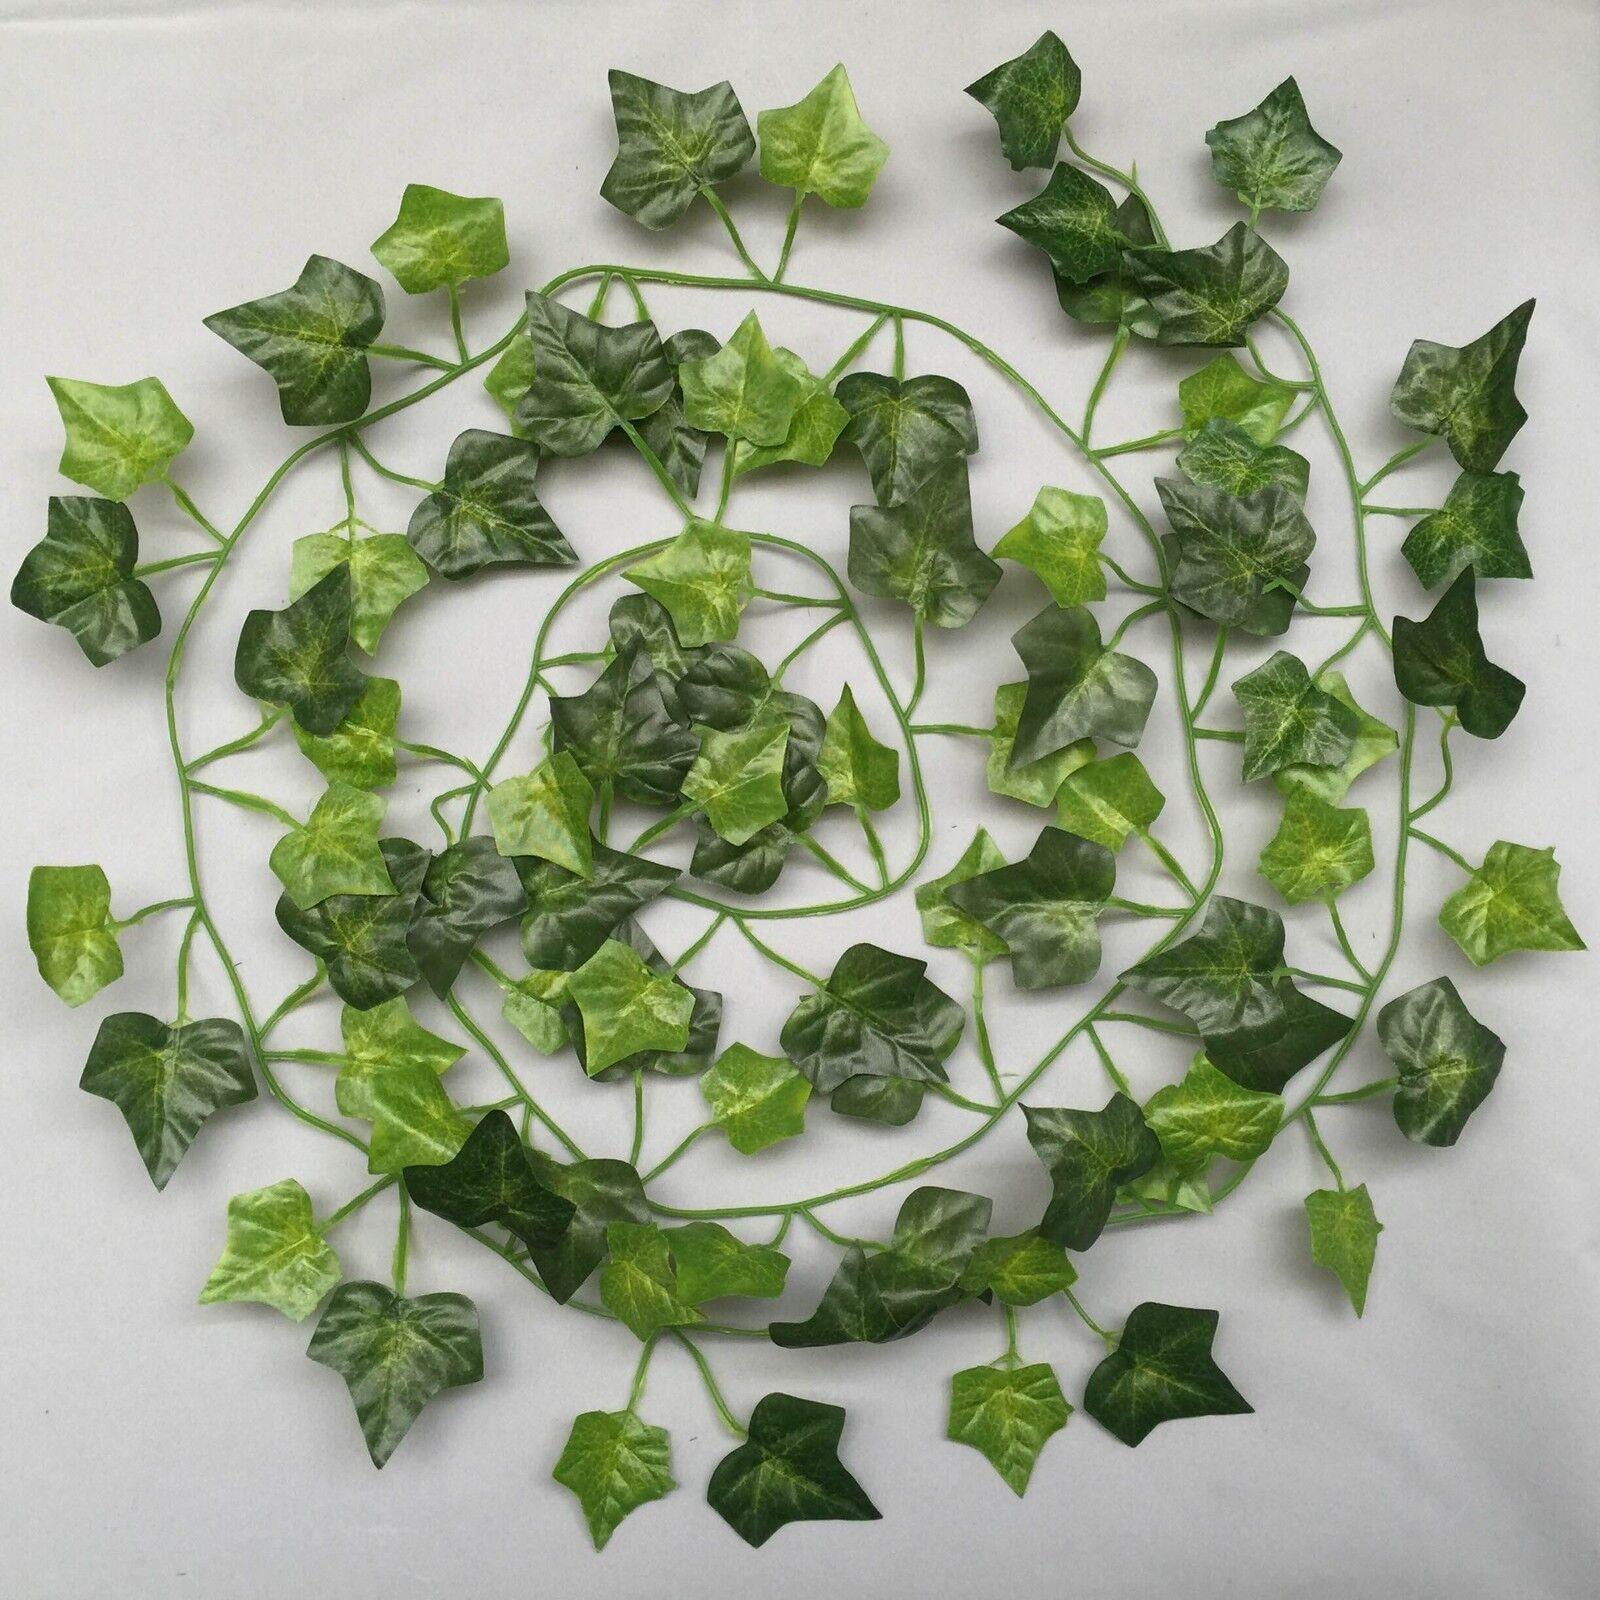 Migliore Artificiale inglese 7ft 210cm Ivy Garland finali vite vite vite piante giardino matrimonio d64099